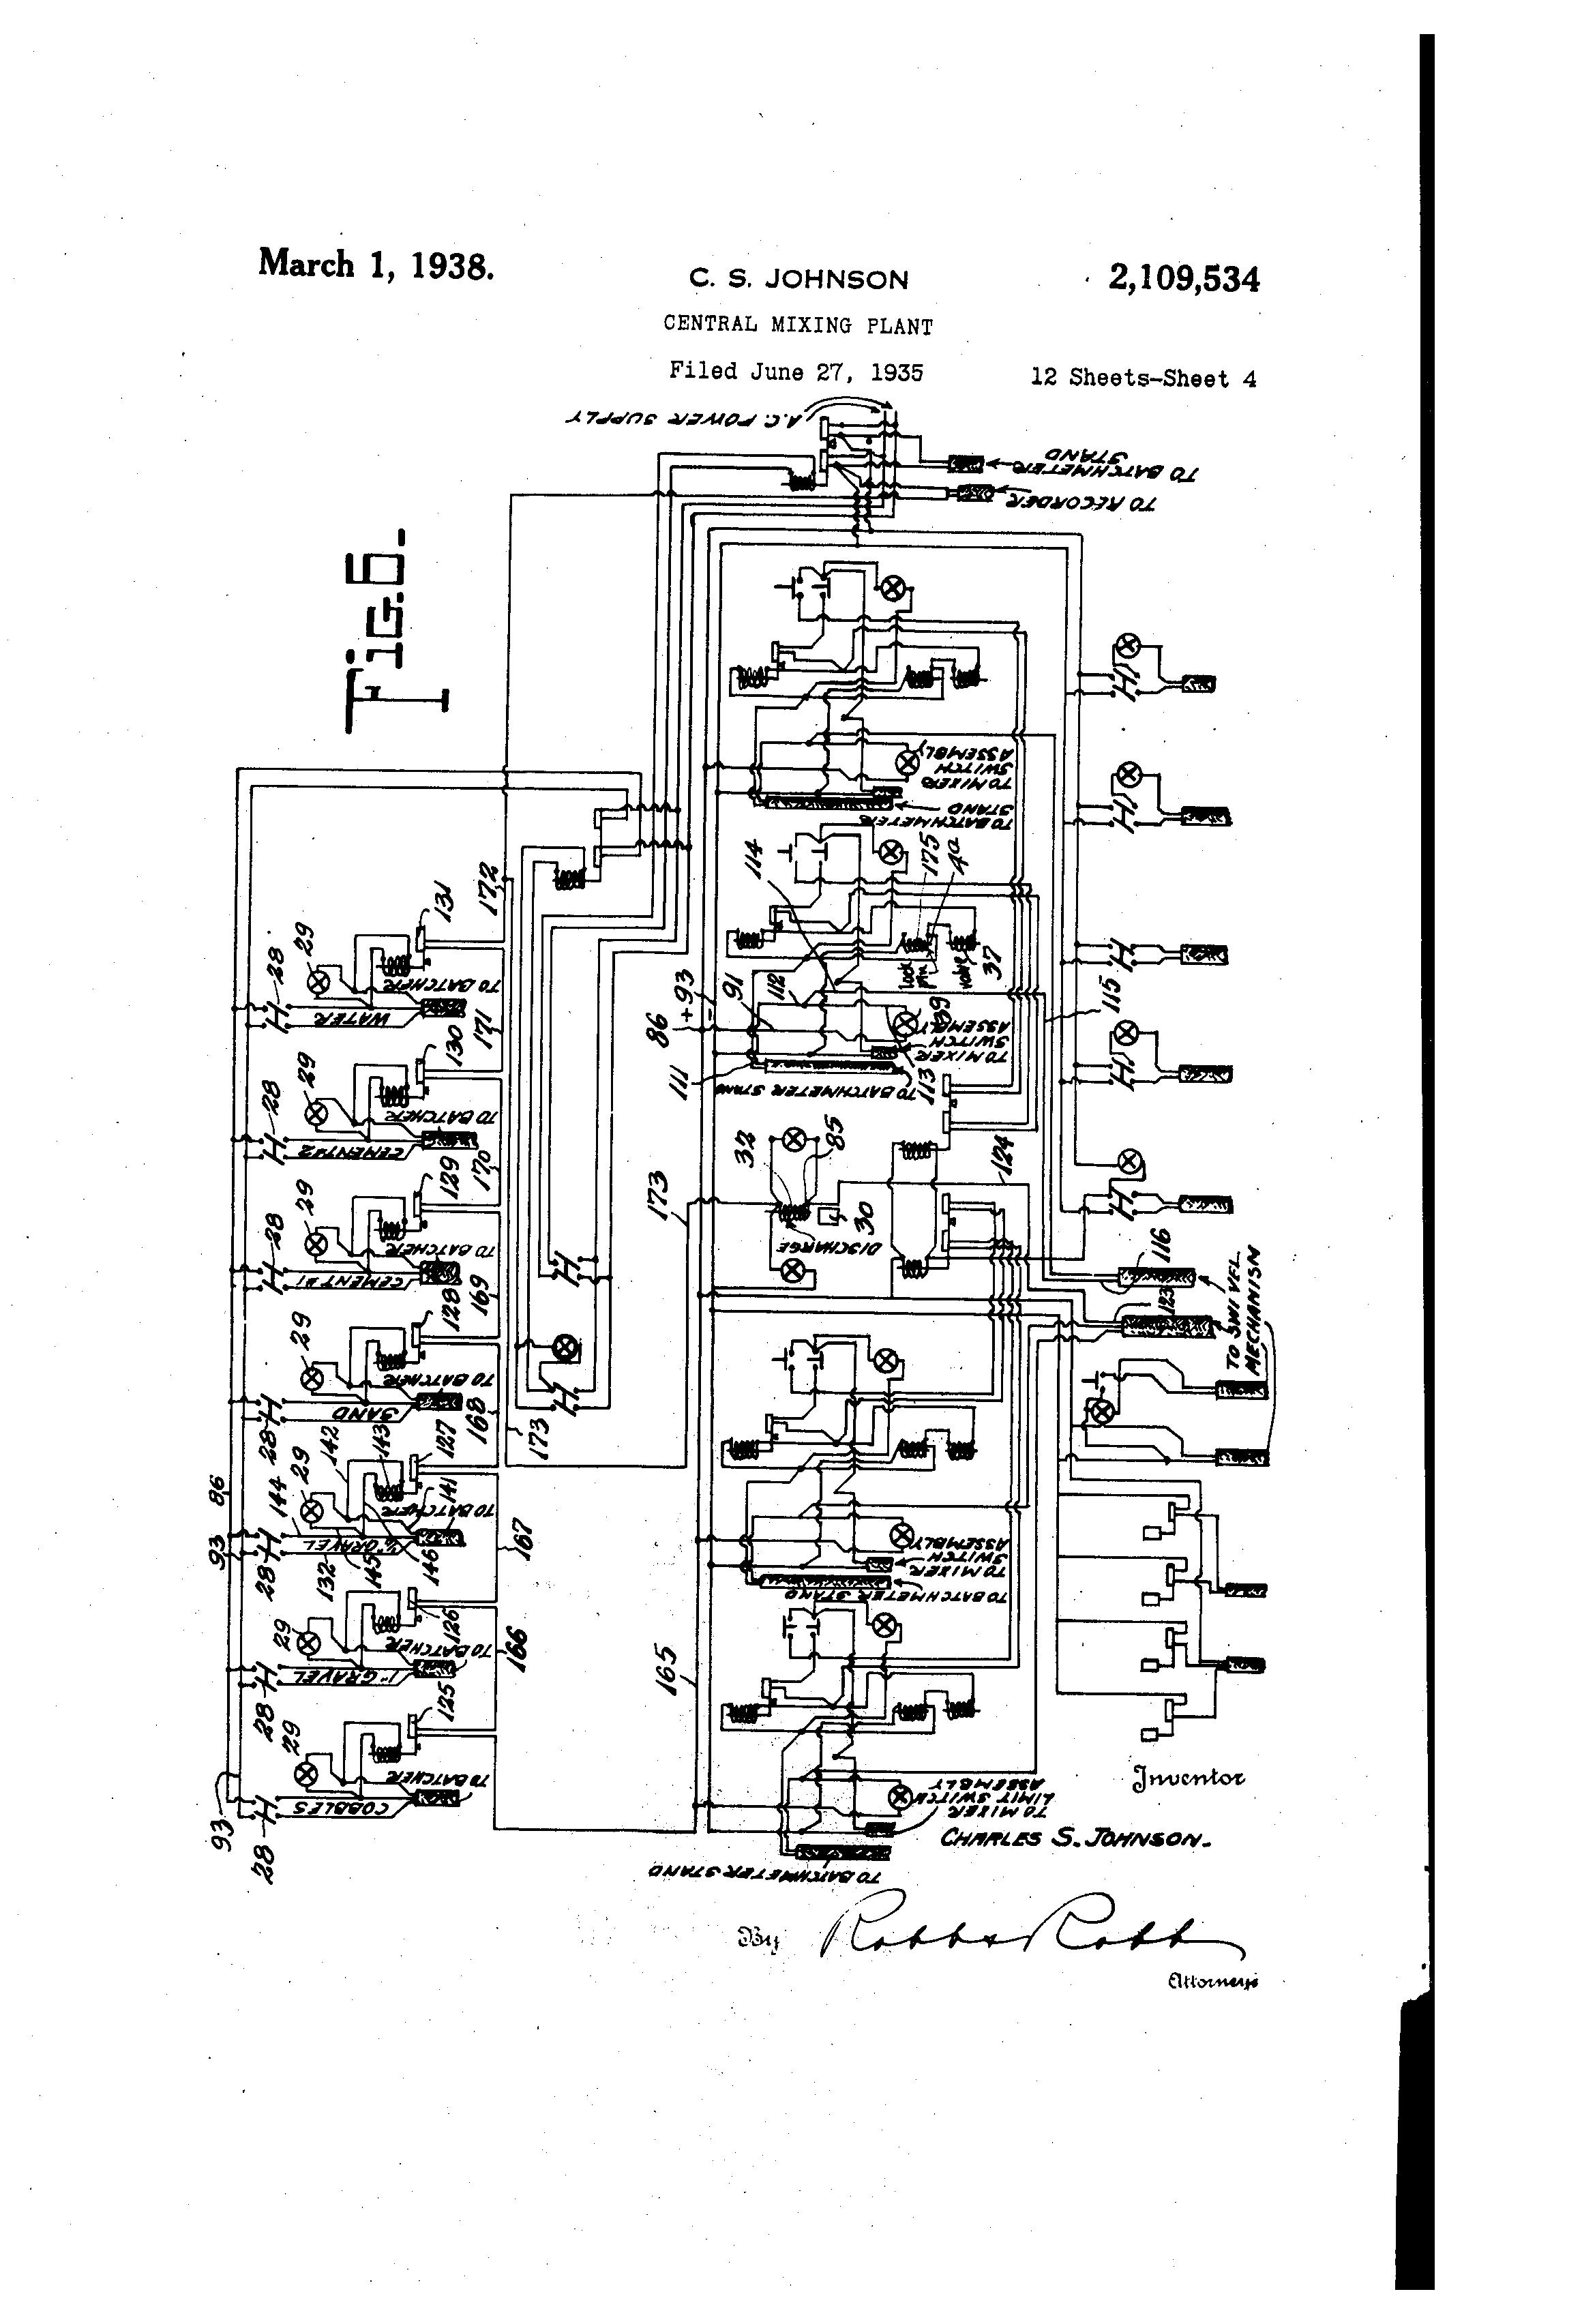 [SCHEMATICS_48IS]  RW_6585] 1998 Mcneilus Wiring Diagram Schematic Wiring | Mcneilus Wiring Diagrams |  | Exxlu Inrebe Oidei Nful Mohammedshrine Librar Wiring 101